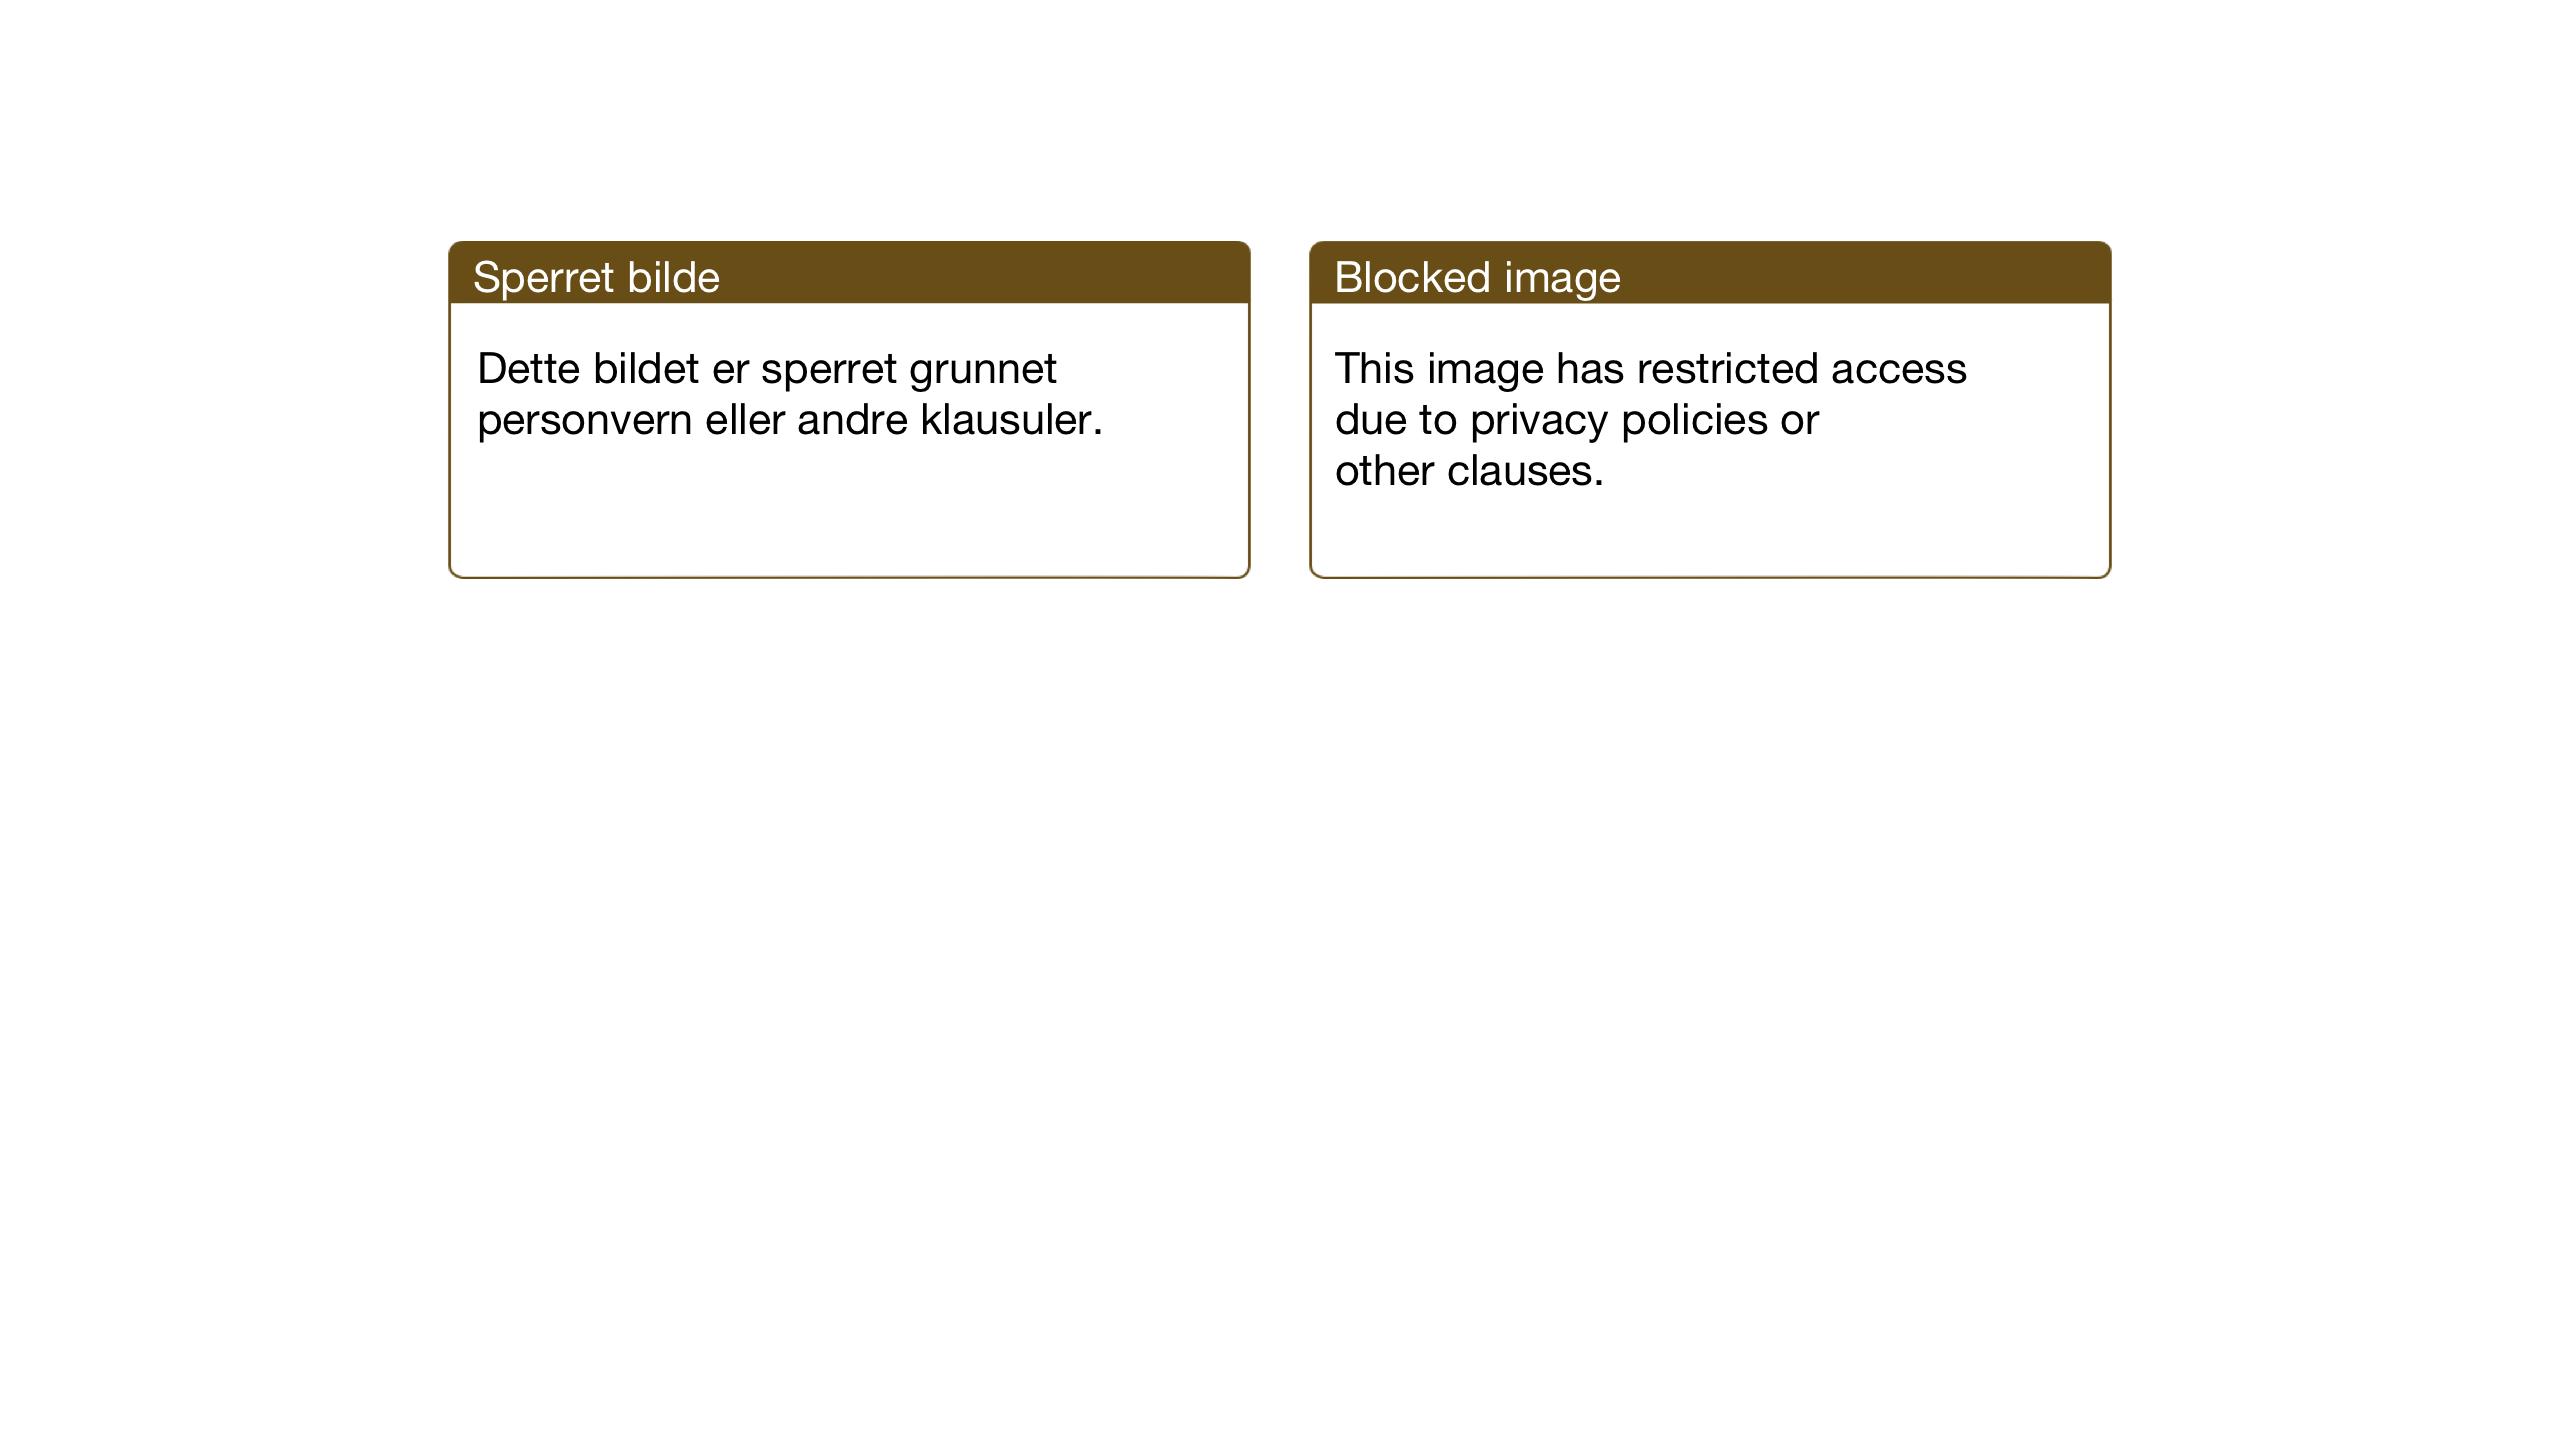 SAT, Ministerialprotokoller, klokkerbøker og fødselsregistre - Sør-Trøndelag, 672/L0866: Klokkerbok nr. 672C05, 1929-1939, s. 16